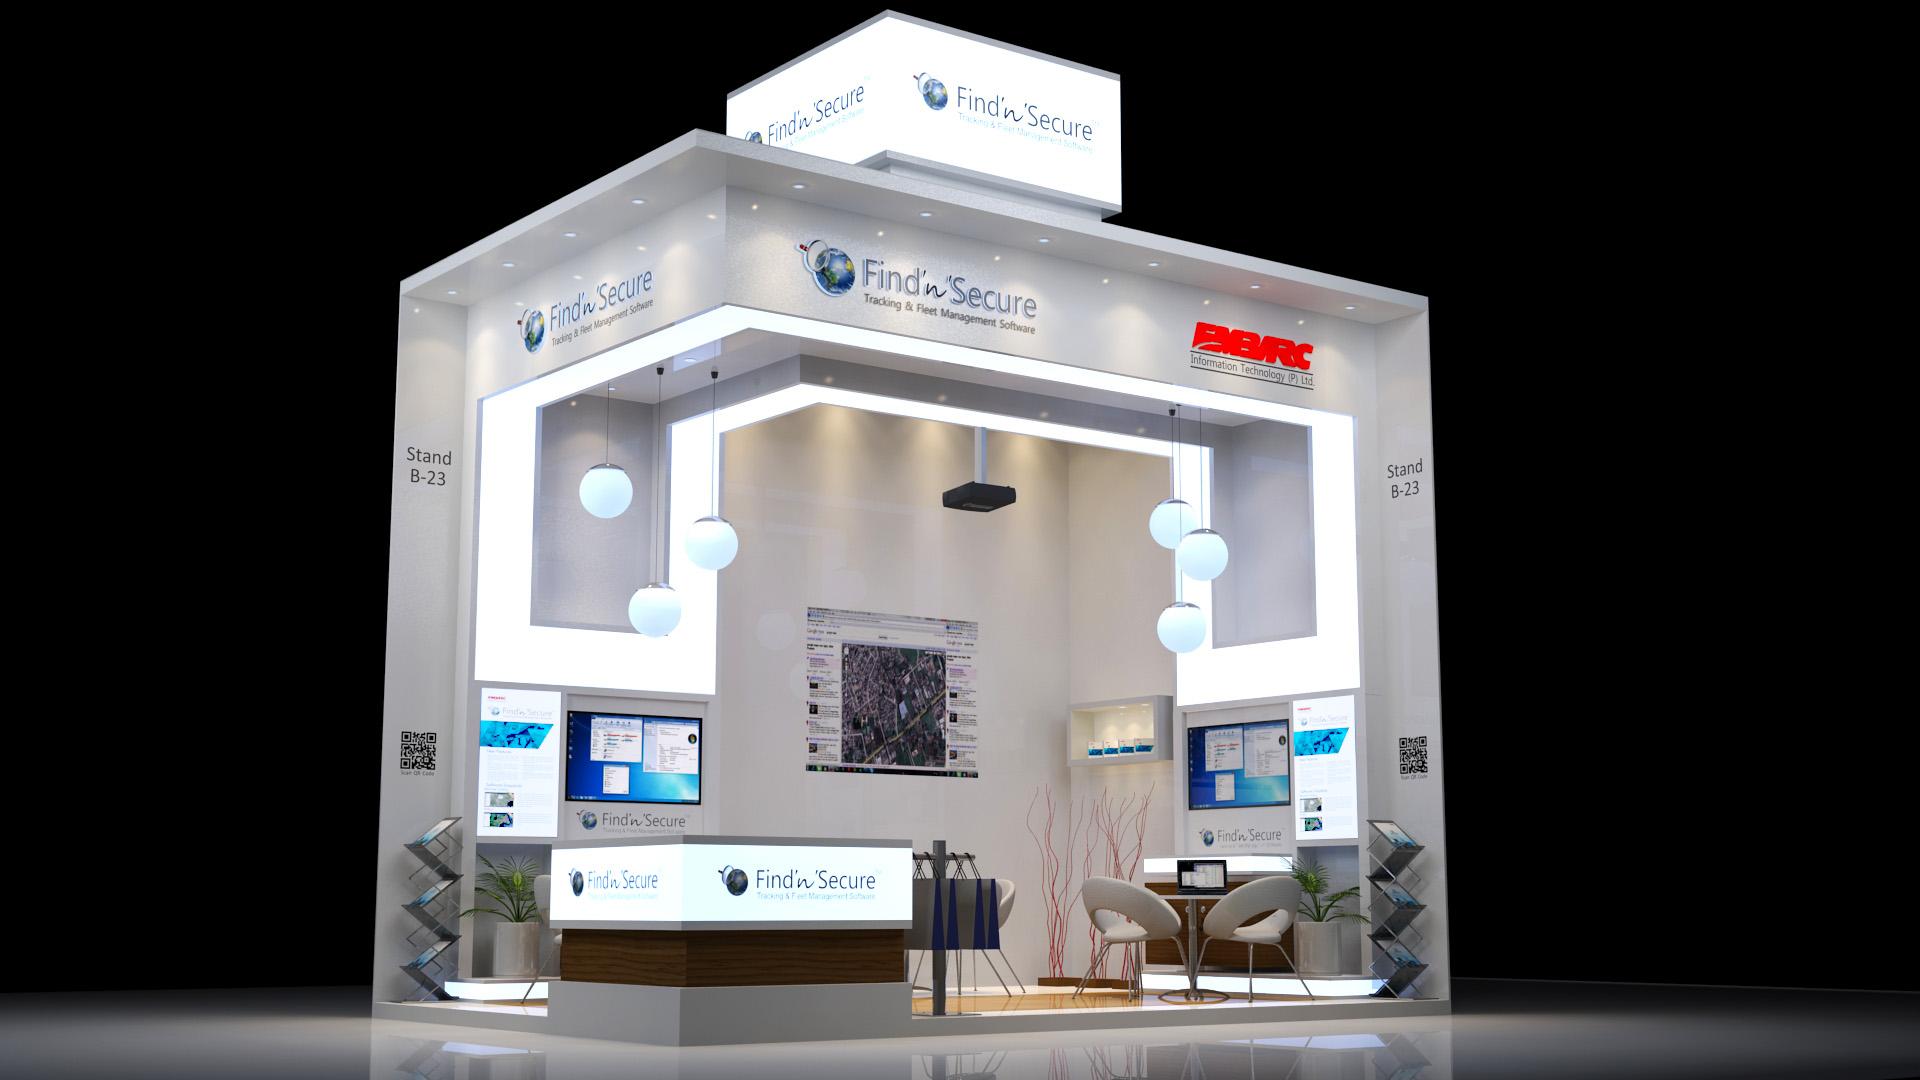 Design My Exhibition Stand : Exhibition stand design by manindar on deviantart